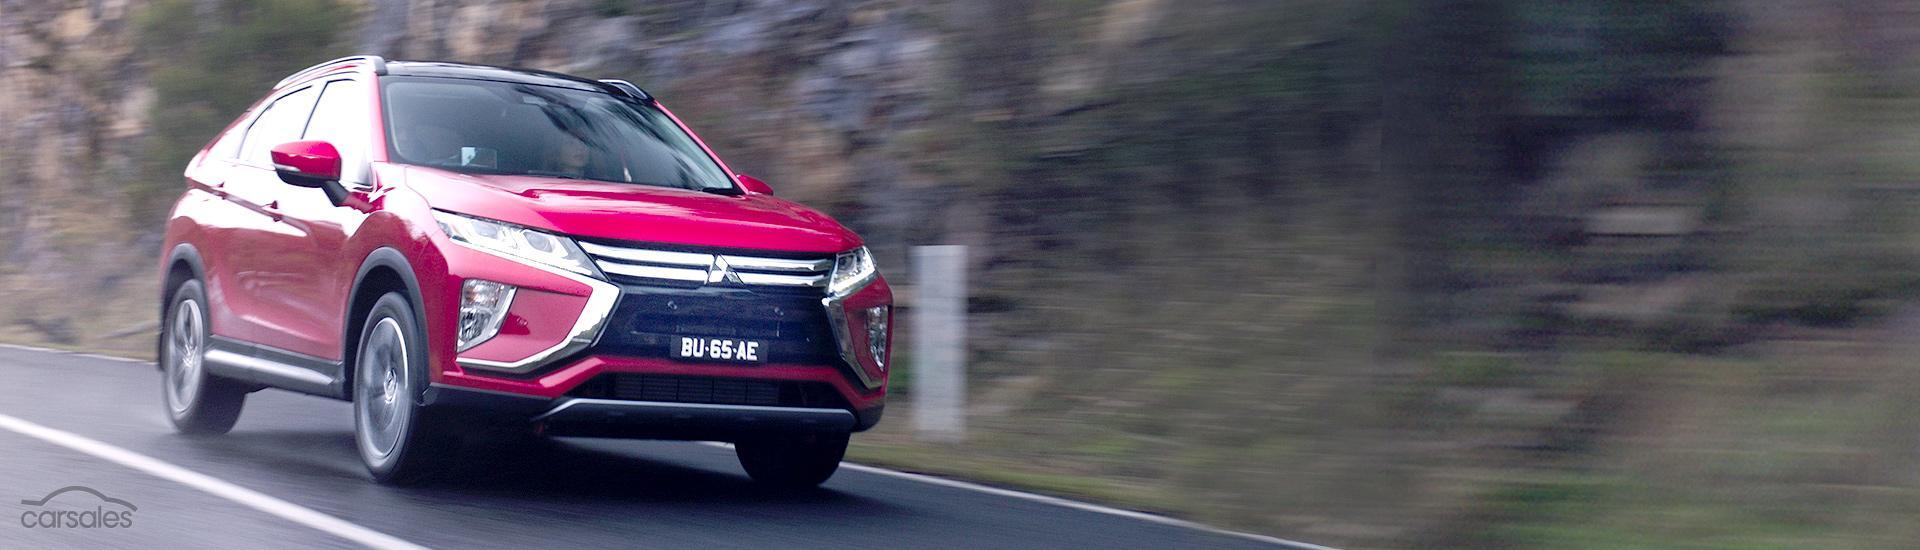 New Mitsubishi Cars For Sale In Australia Carsales Com Au